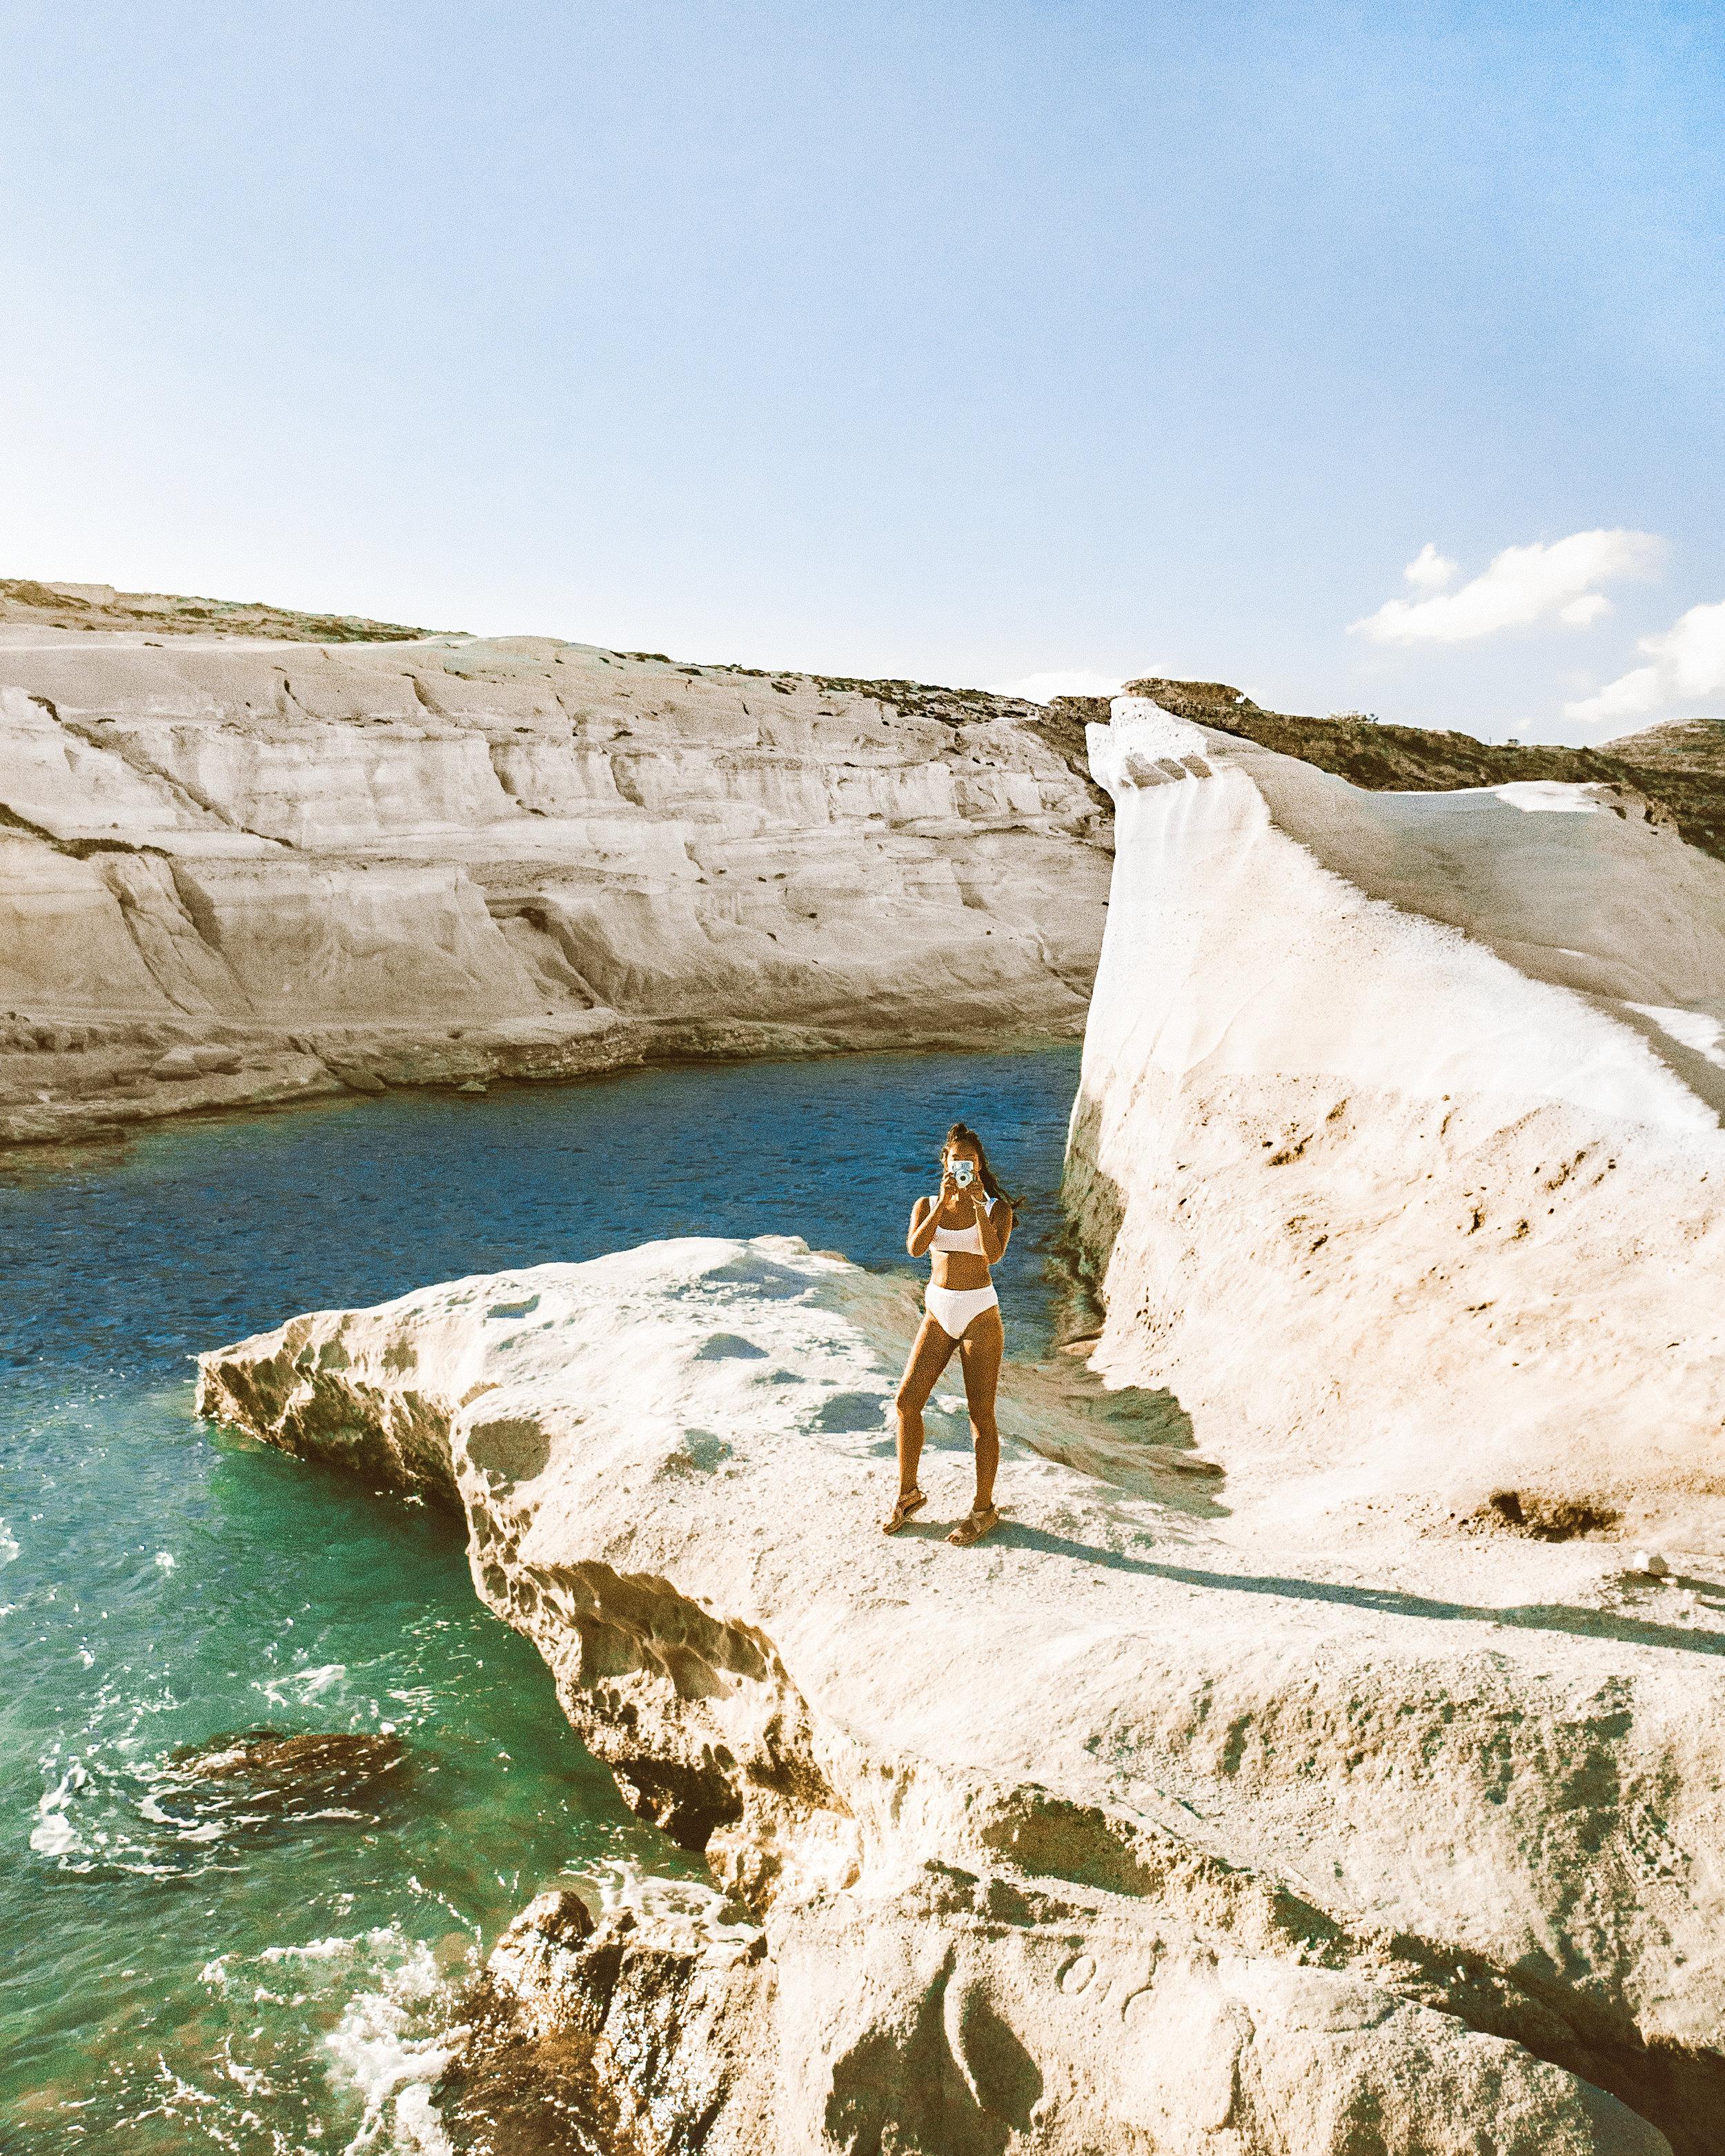 梅尔穿着白色比基尼站在希腊米洛斯的Sarakiniko海滩上,在日出时拍了一张宝丽来照片